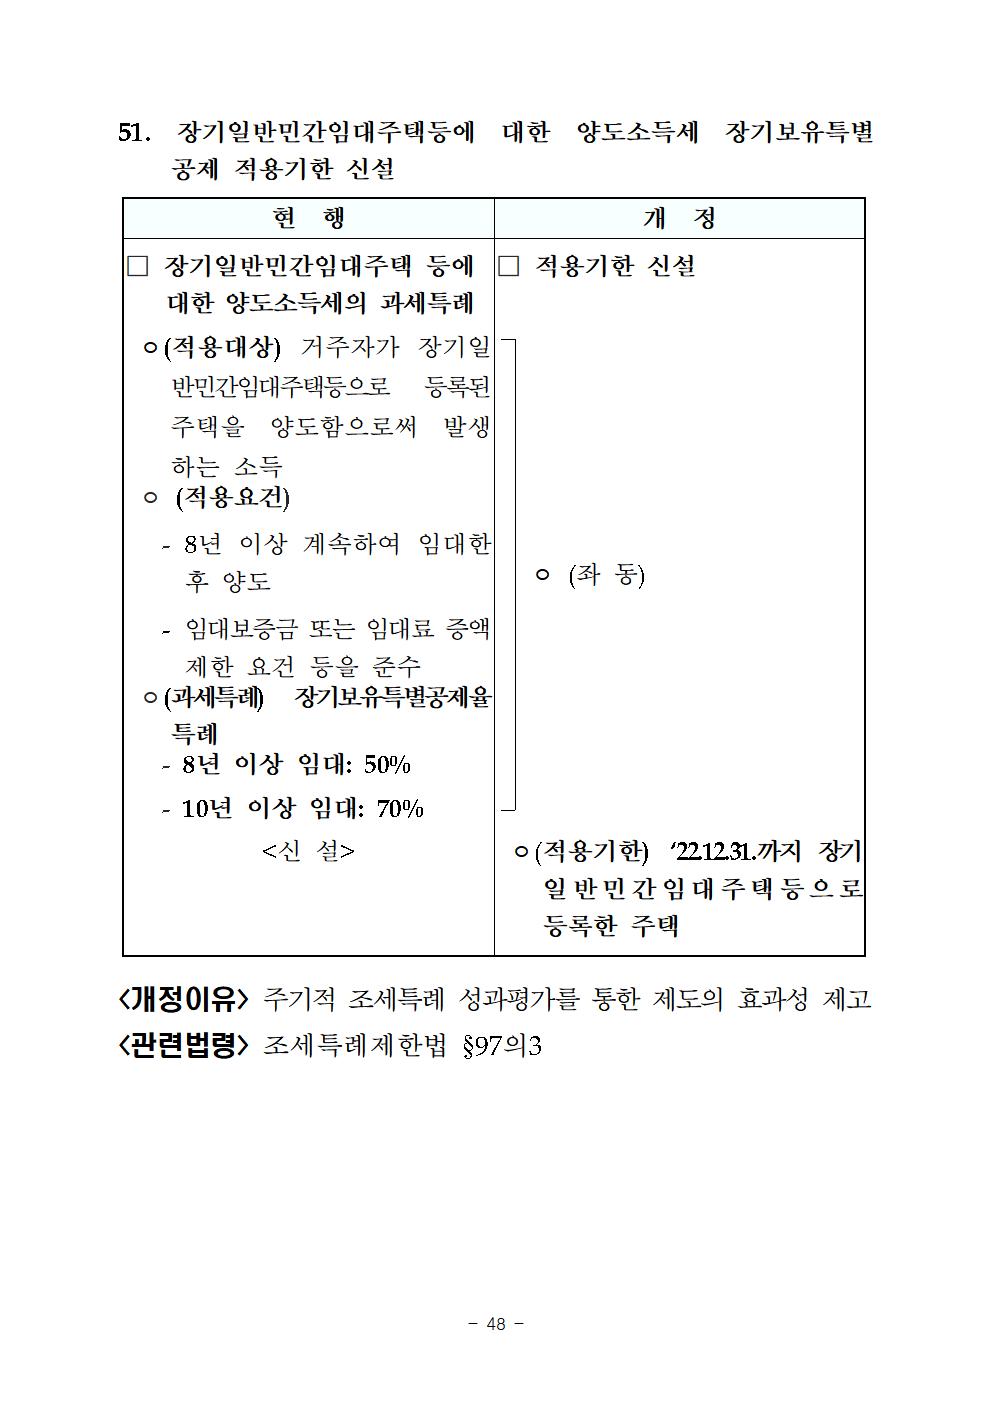 2019년세법개정내용(양도소득세분야)053.png